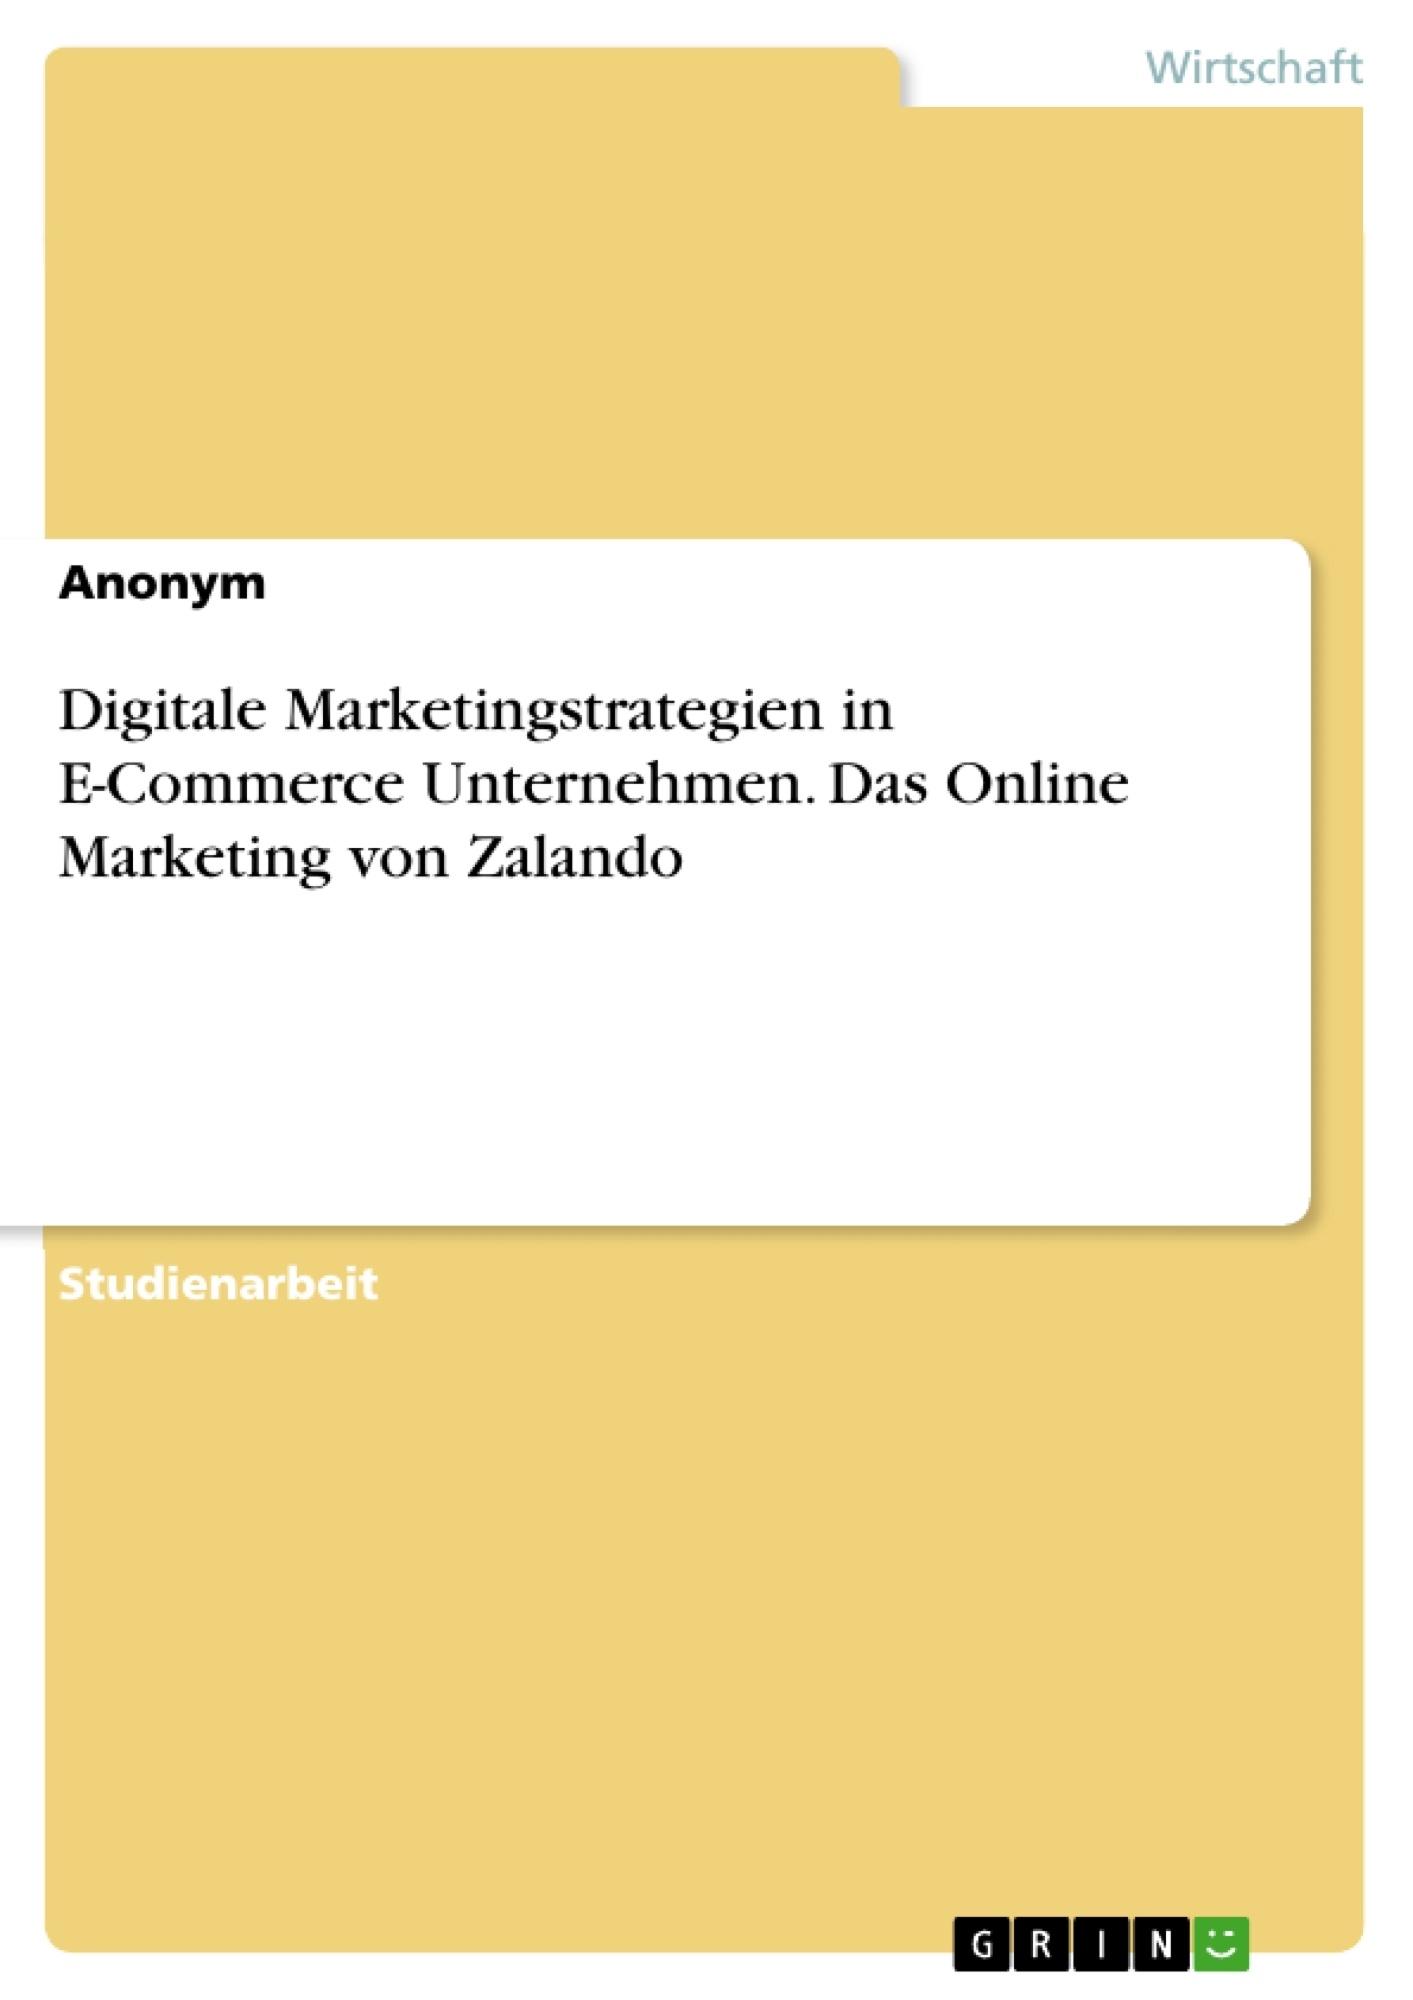 Titel: Digitale Marketingstrategien in E-Commerce Unternehmen. Das Online Marketing von Zalando